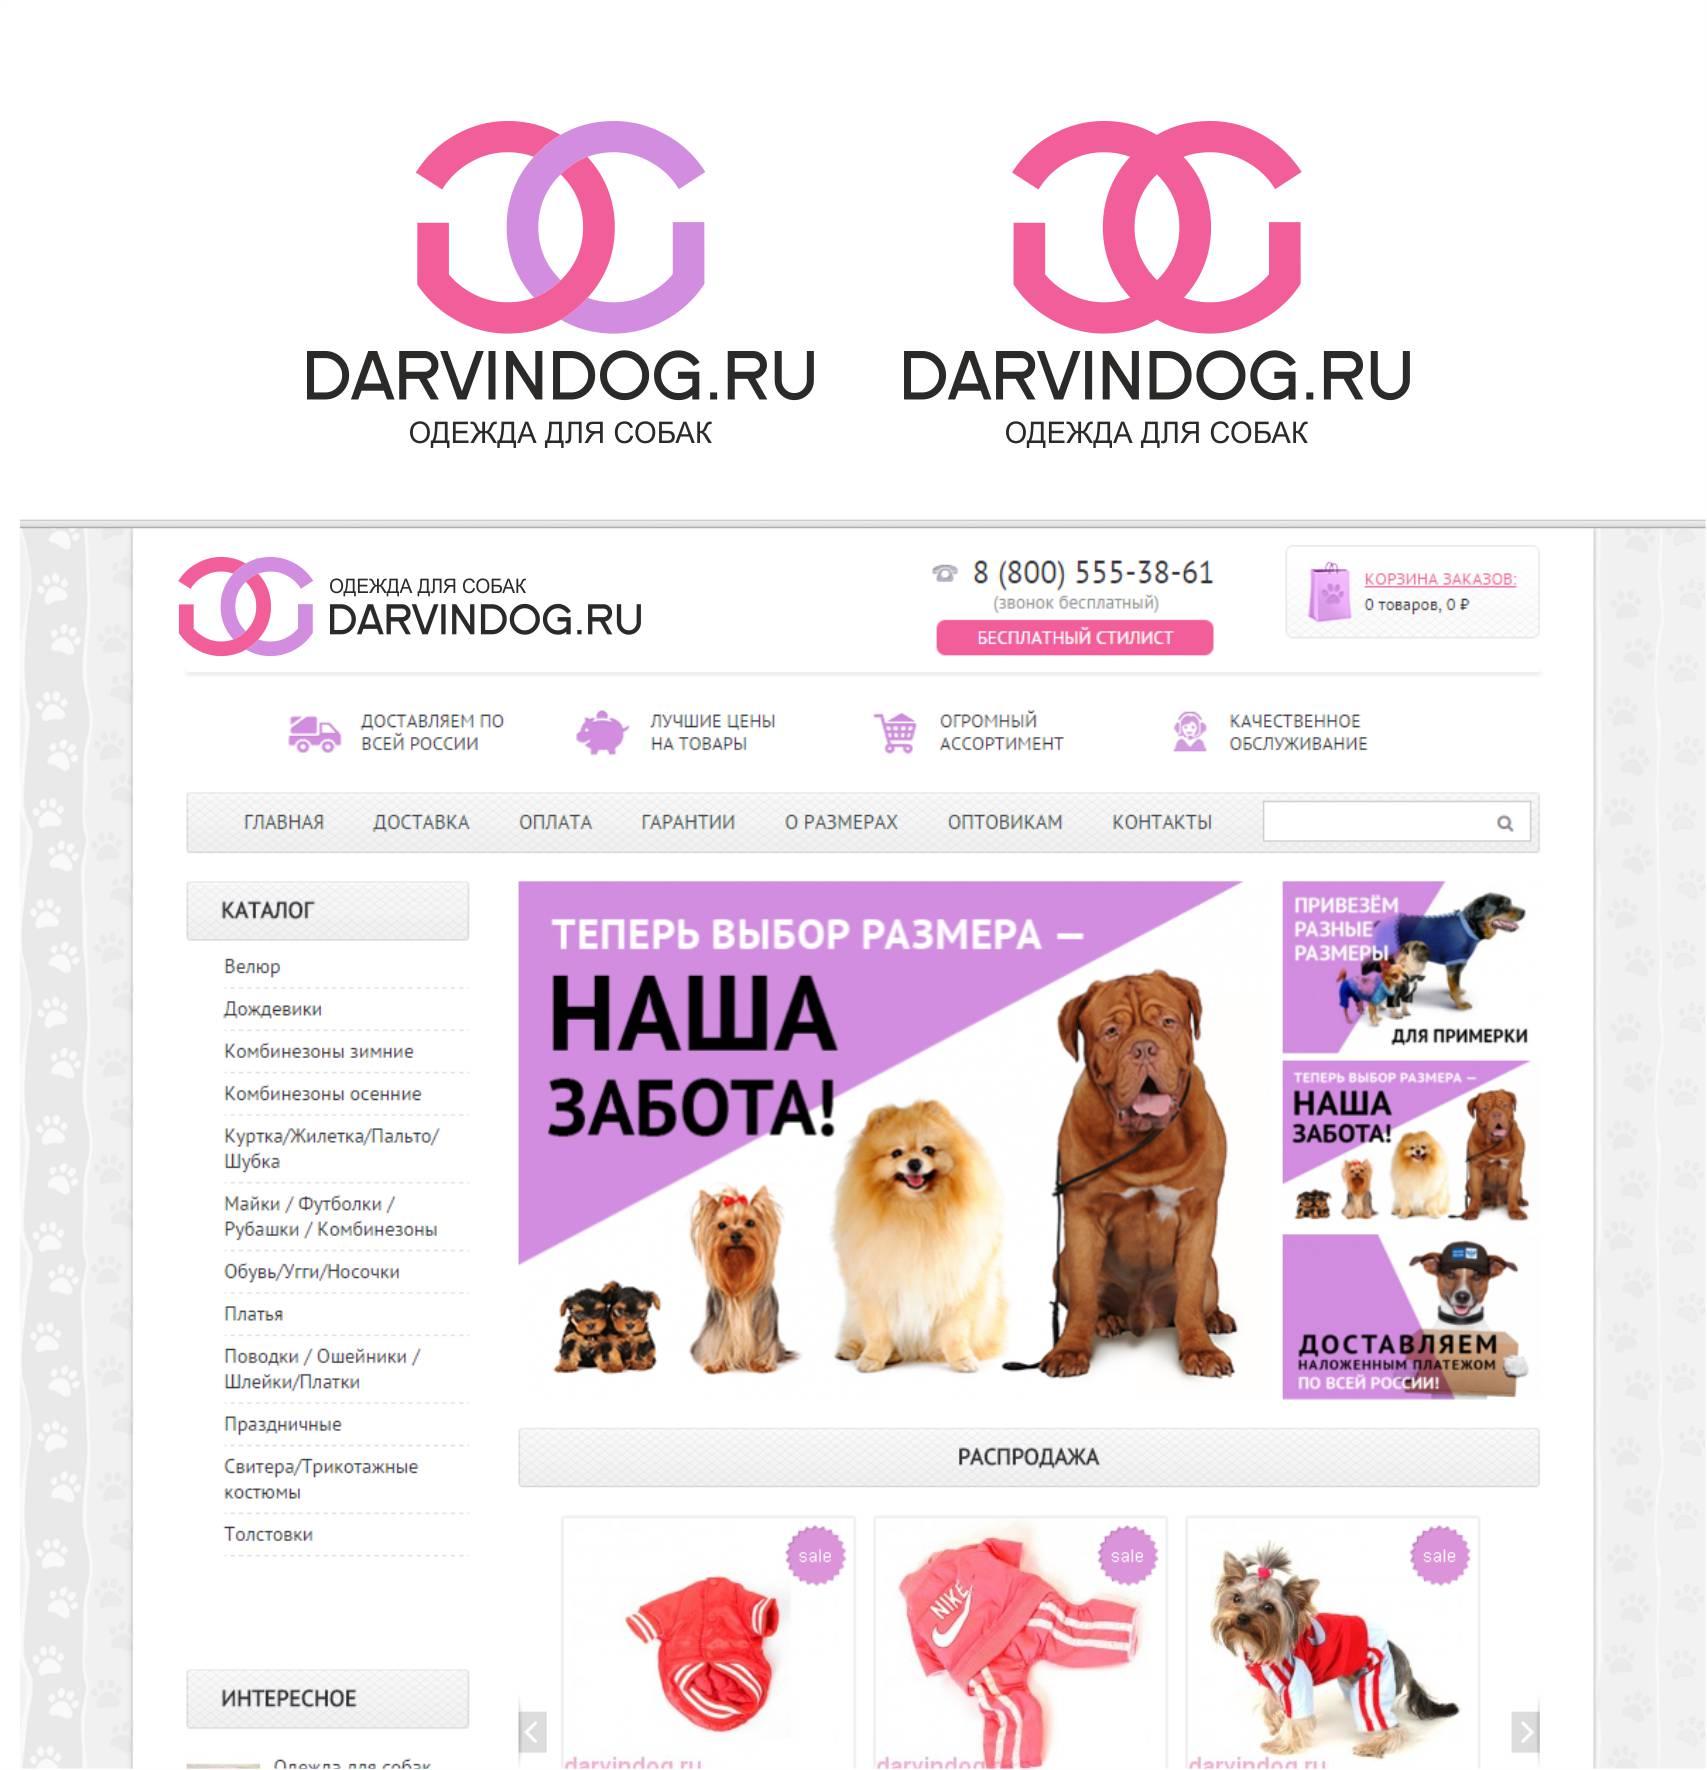 Создать логотип для интернет магазина одежды для собак фото f_66156508d4412c63.jpg